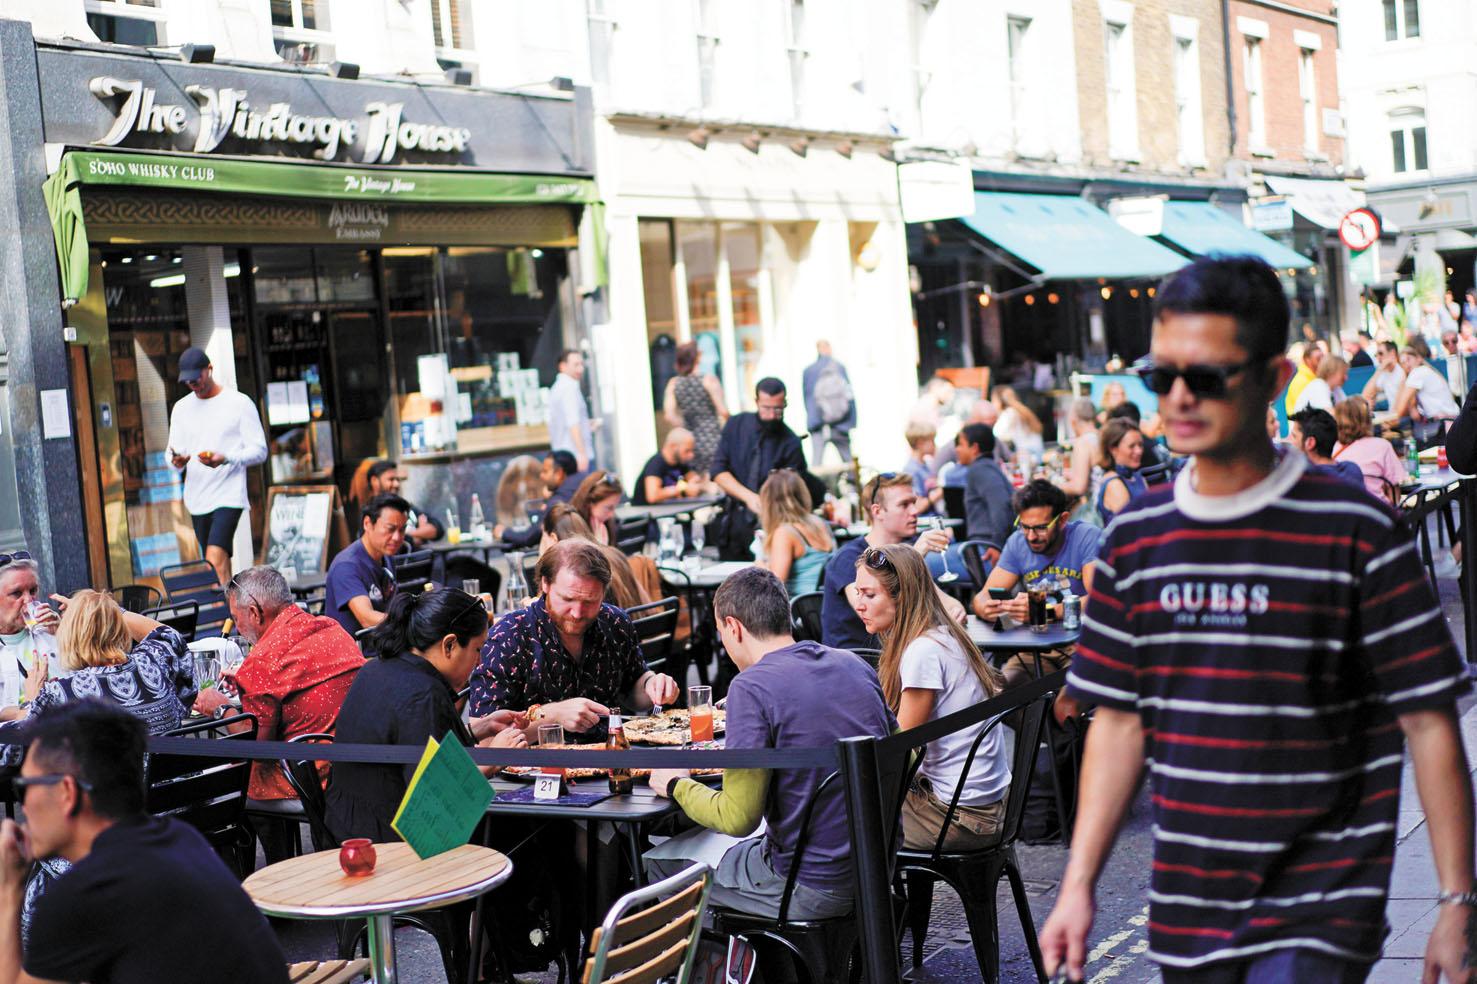 隨著經濟快速從谷底反彈,英國政府決定在10月底終止紓困計劃。圖為在倫敦,一家餐廳的顧客坐滿了戶外的餐桌。路透社